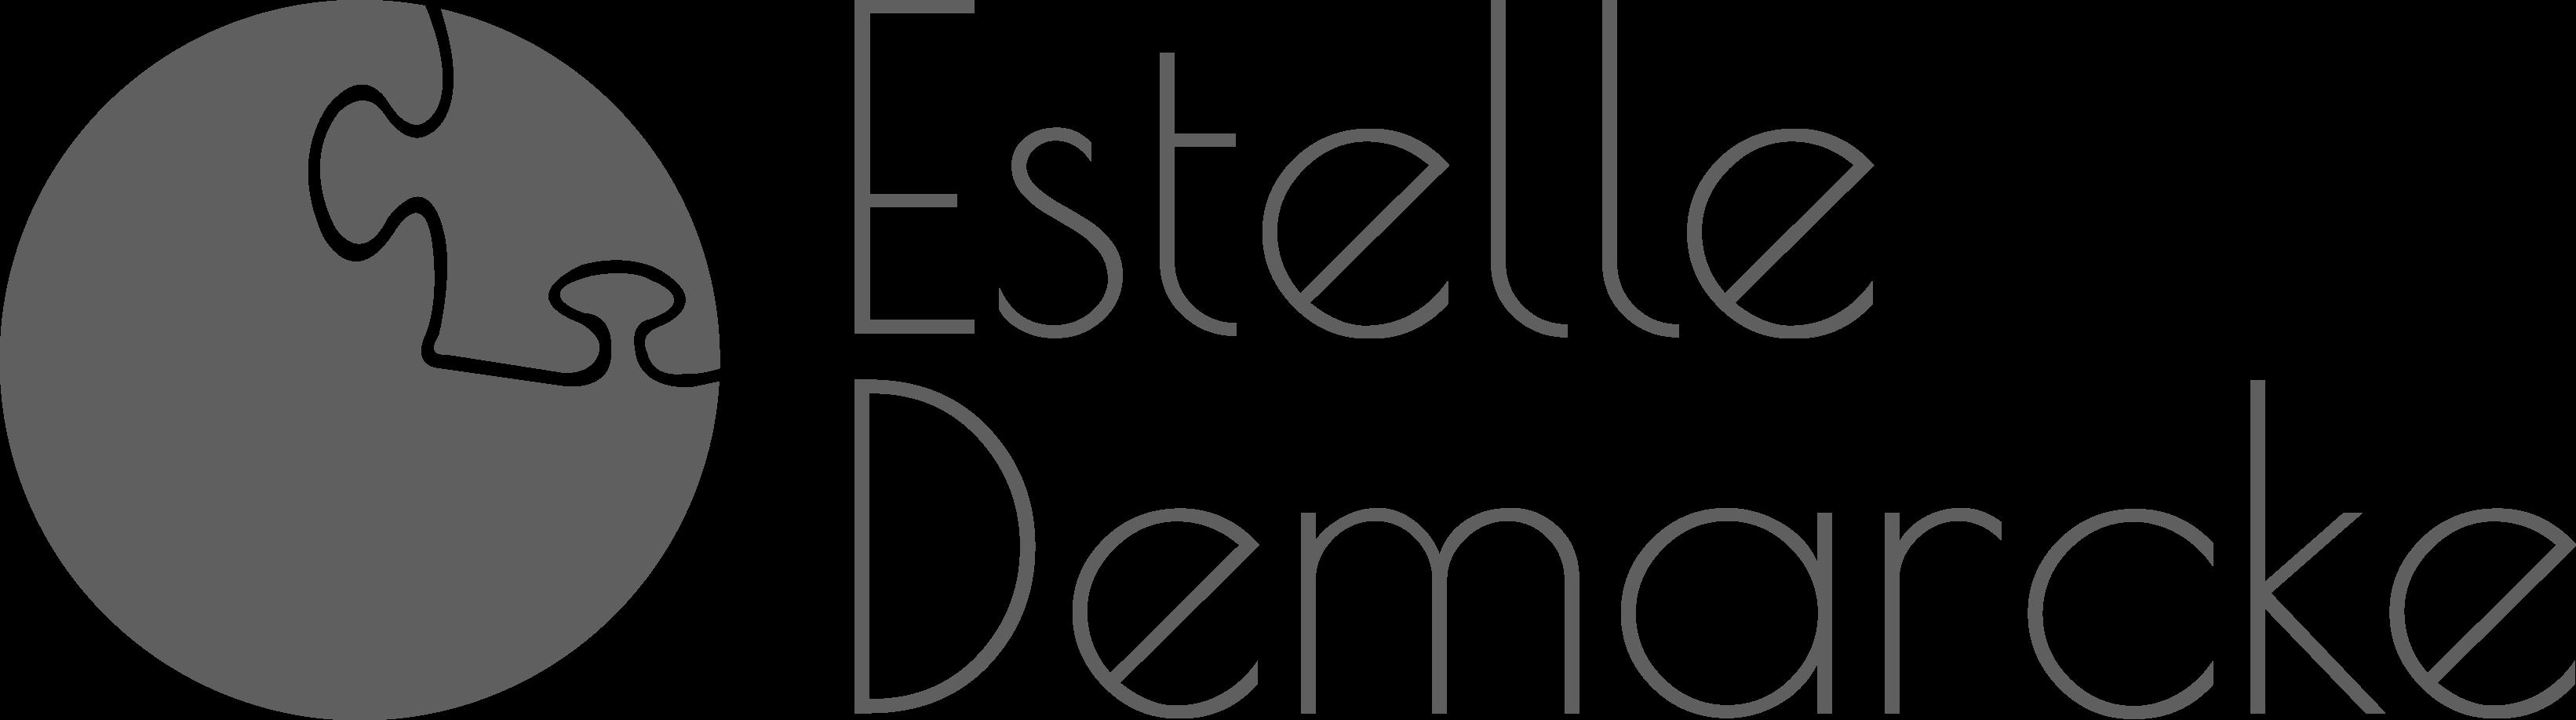 Estelle Demarcke - conseil en stratégie mécénat et partenariats